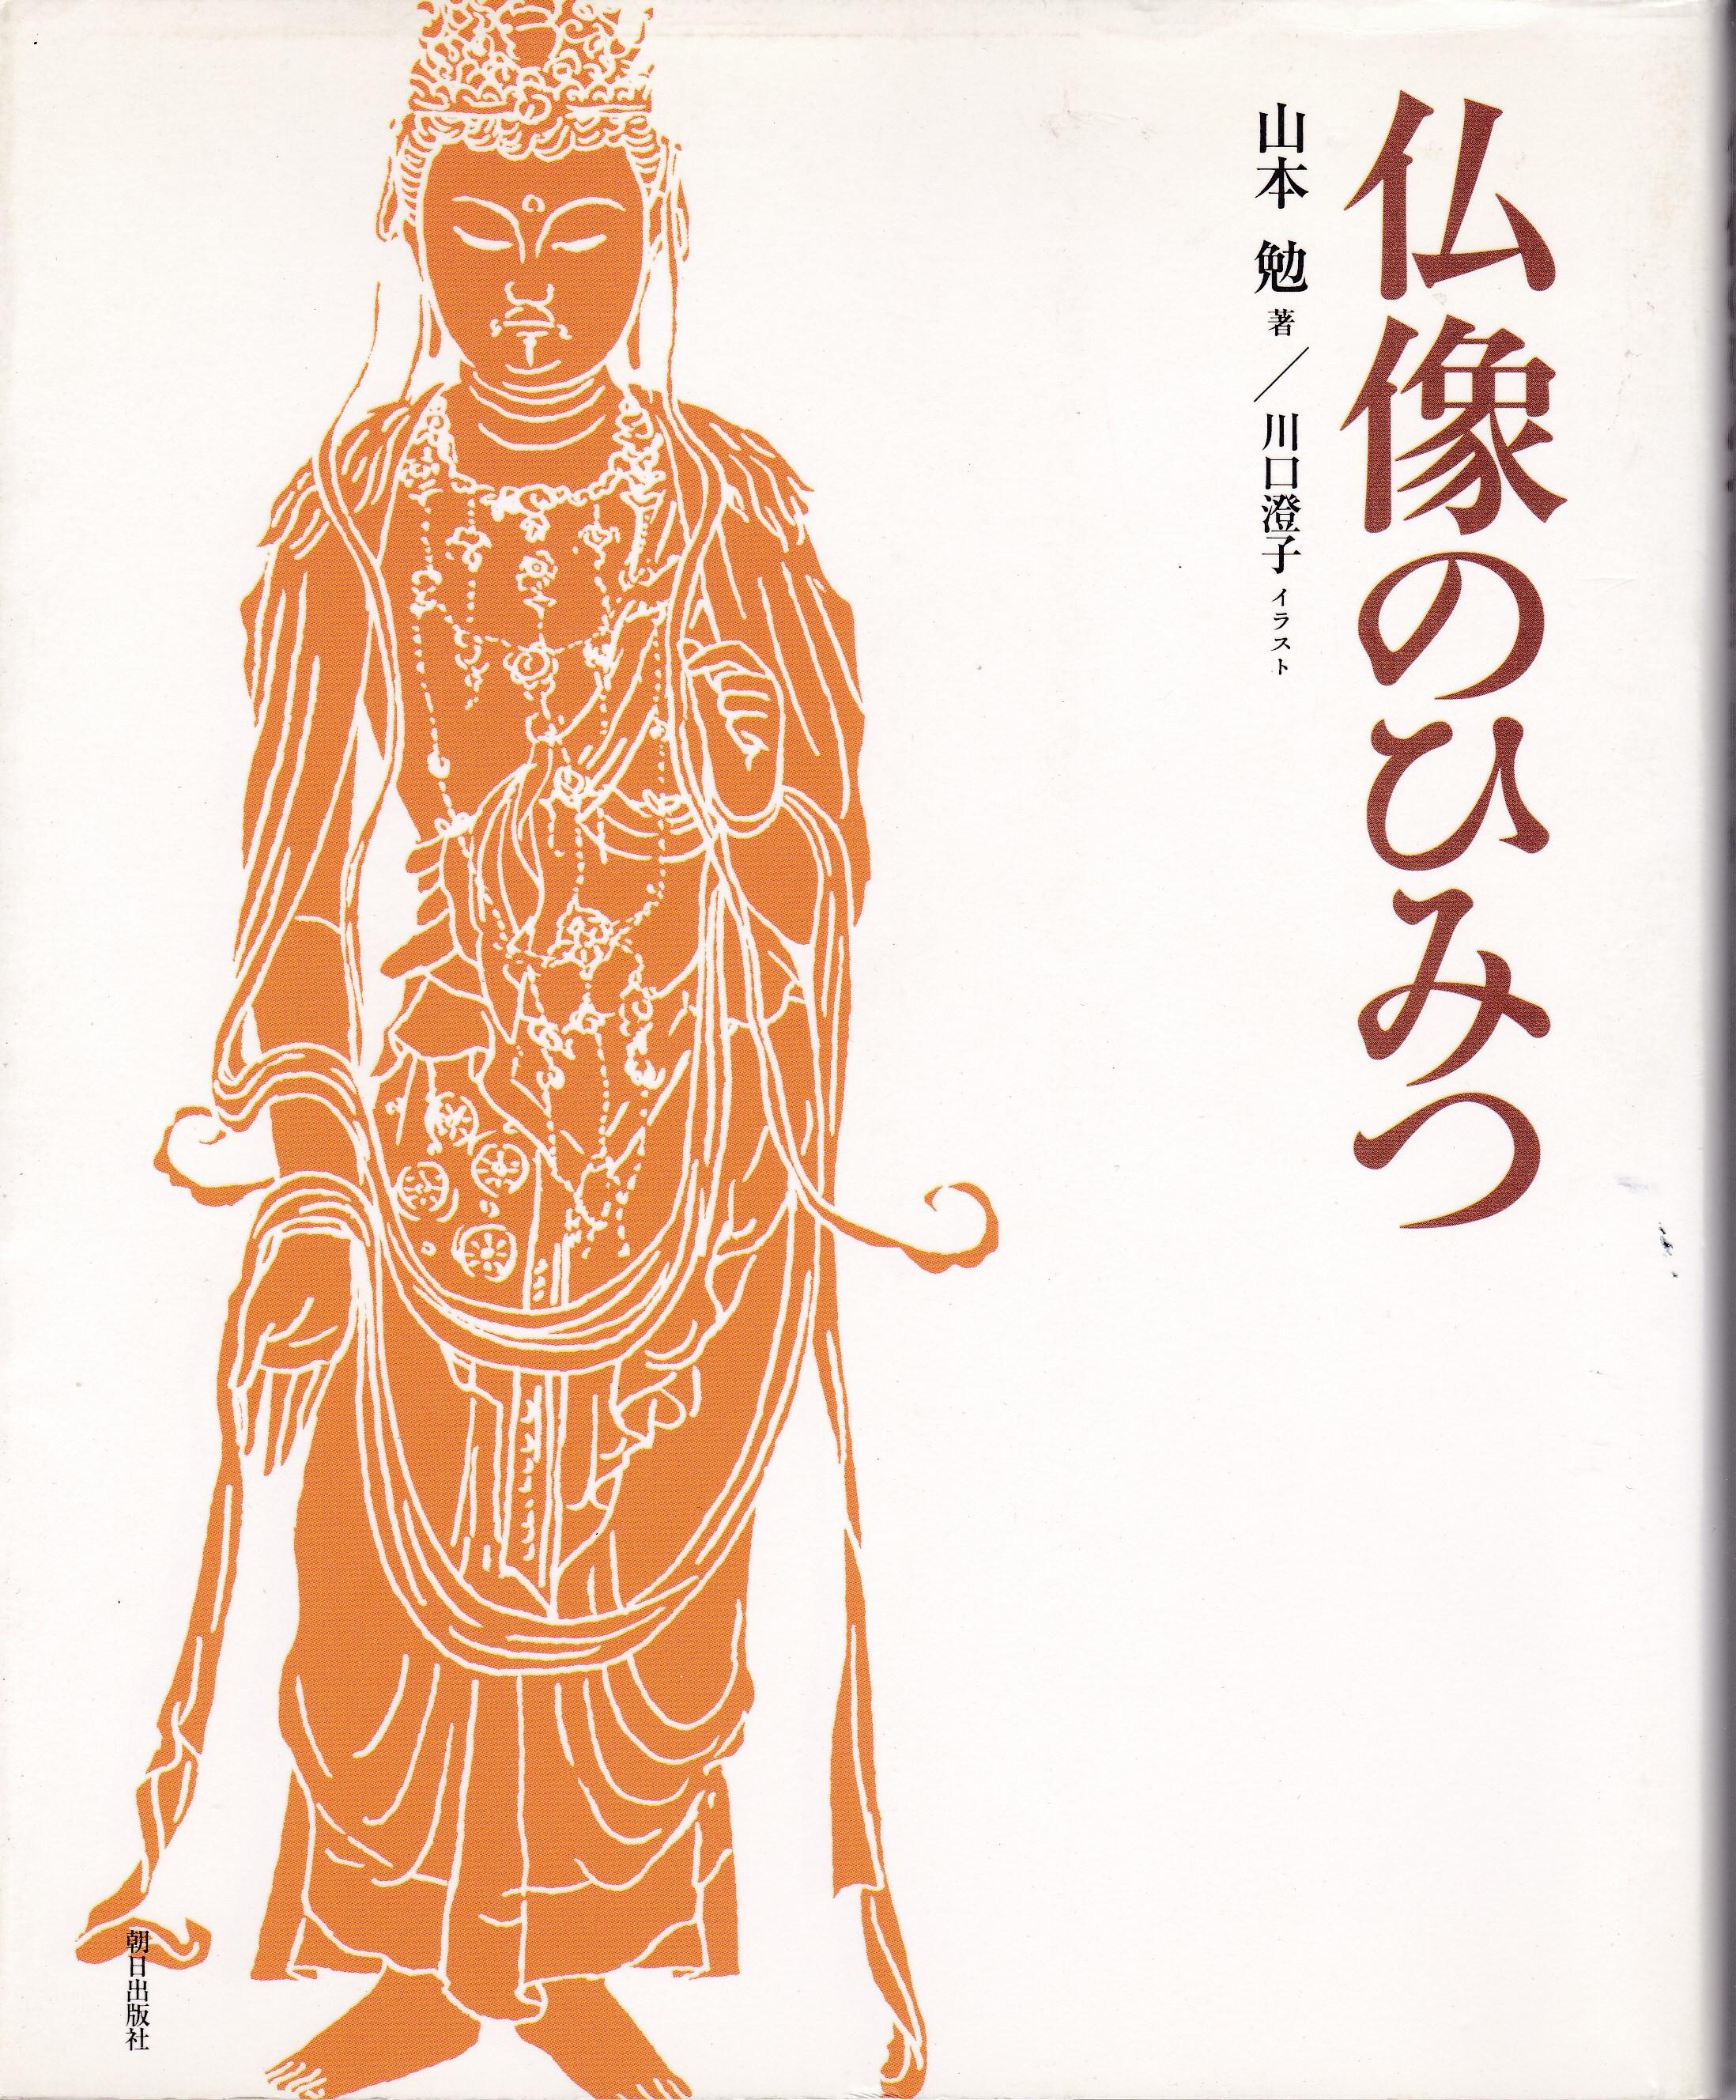 仏像のひみつ(朝日出版社 2006年第3刷)